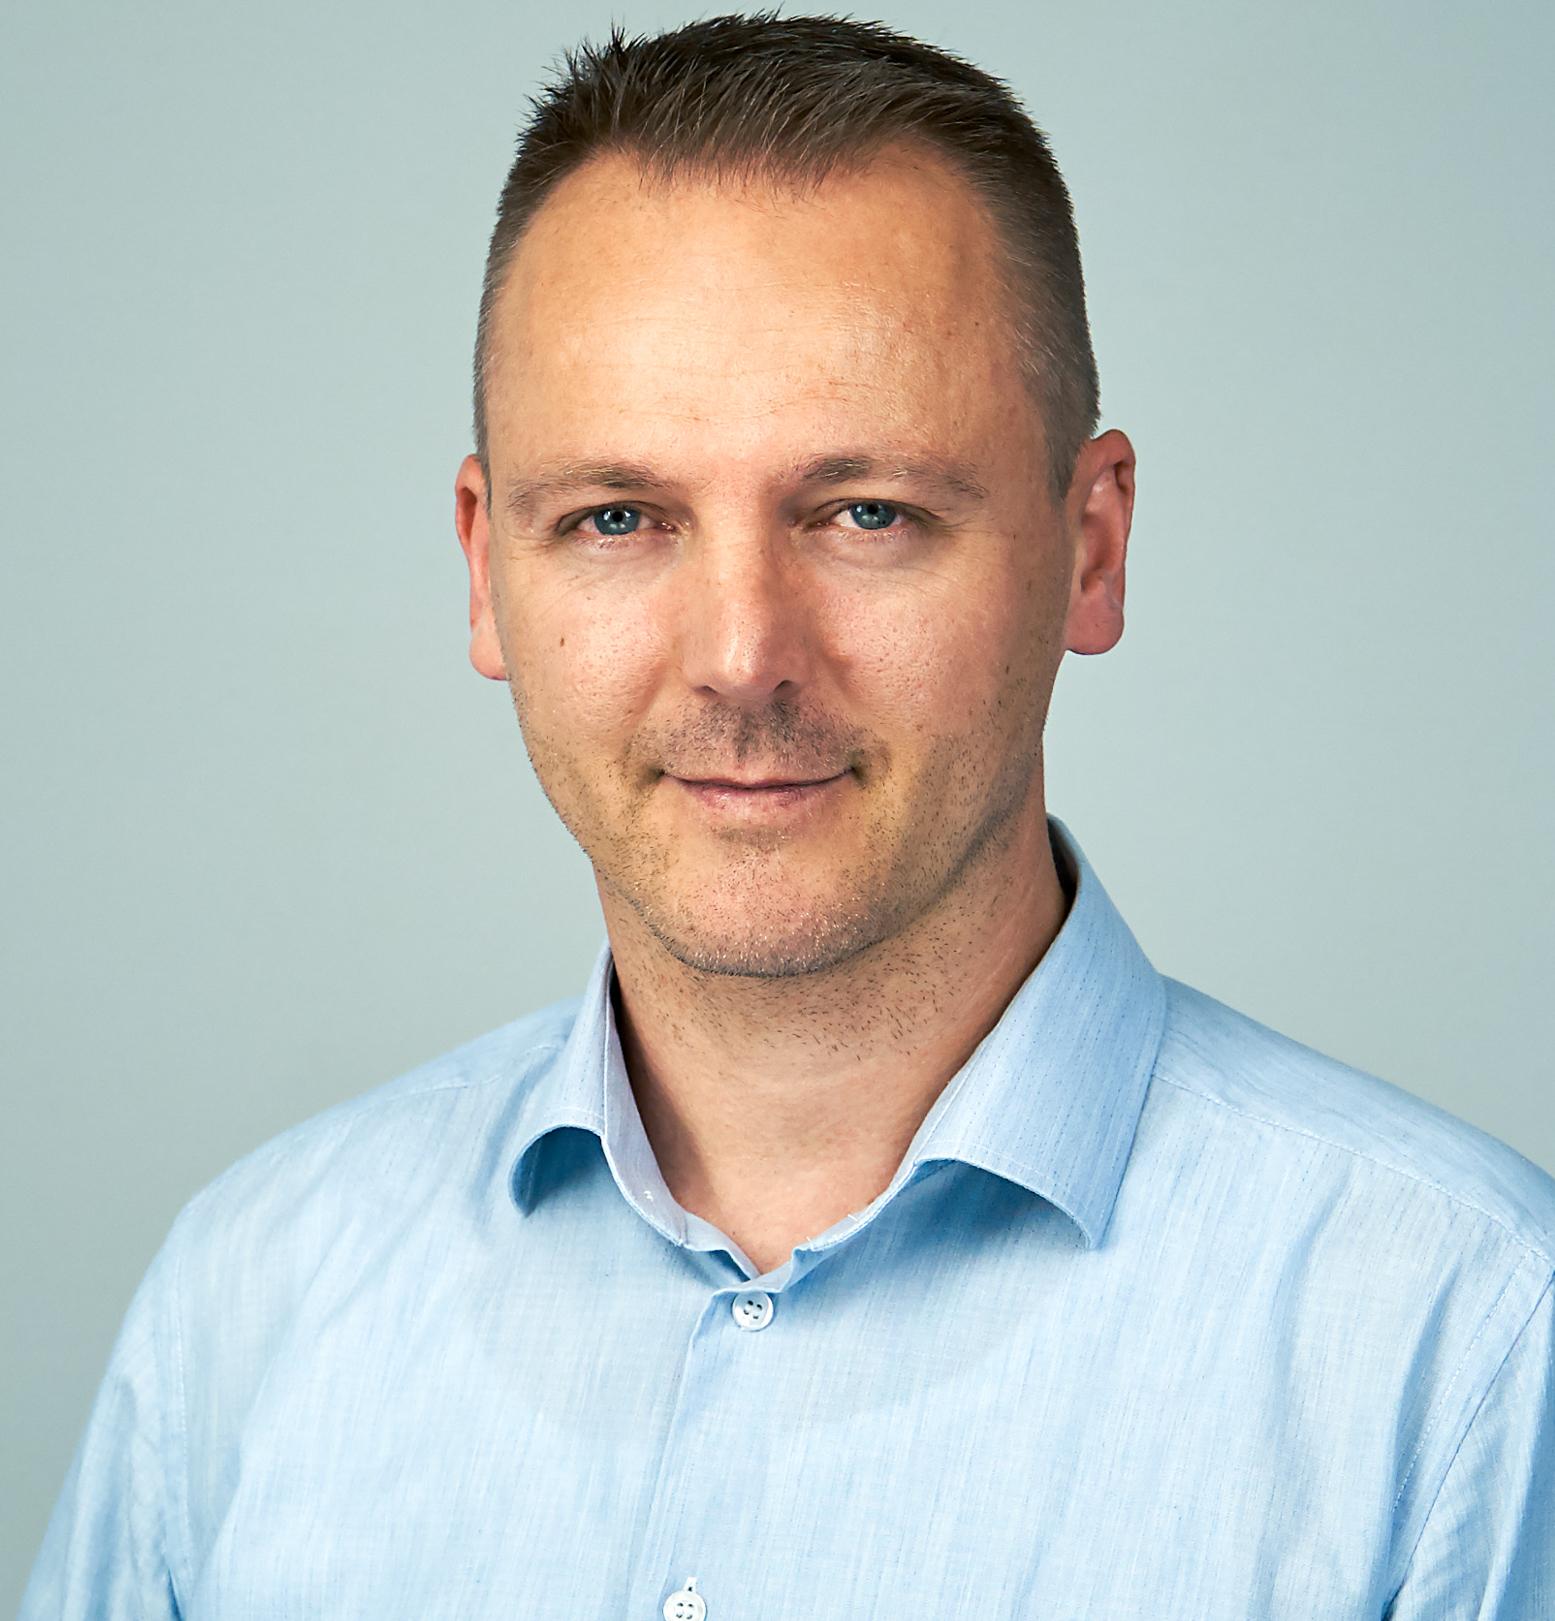 Goran Blagus